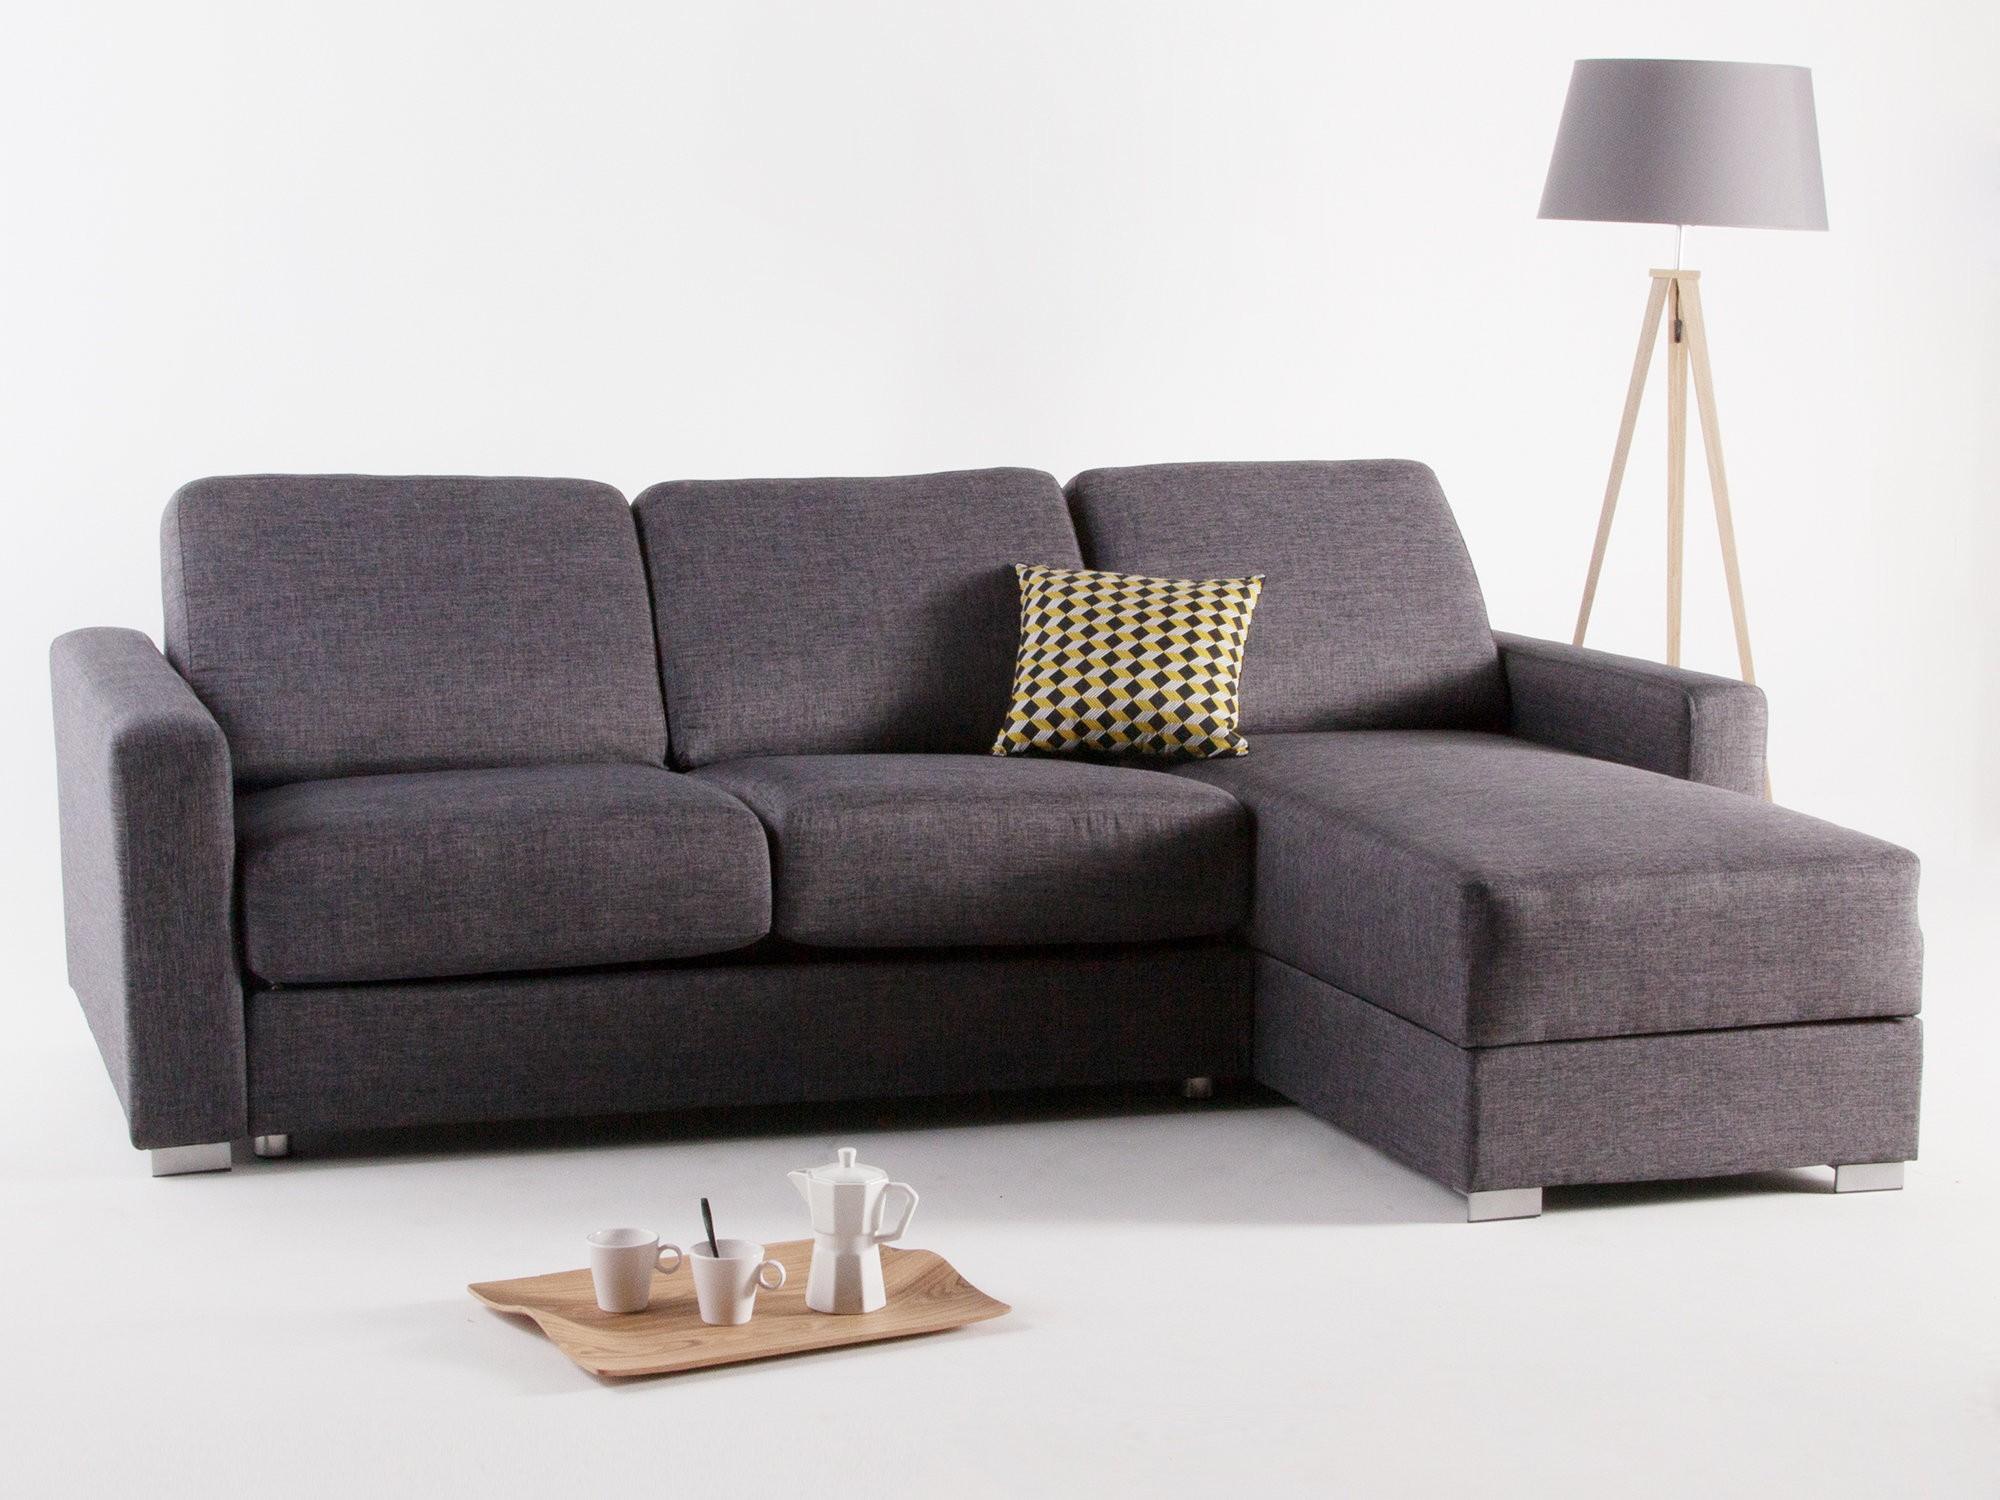 canap d 39 angle livraison express canap id es de. Black Bedroom Furniture Sets. Home Design Ideas